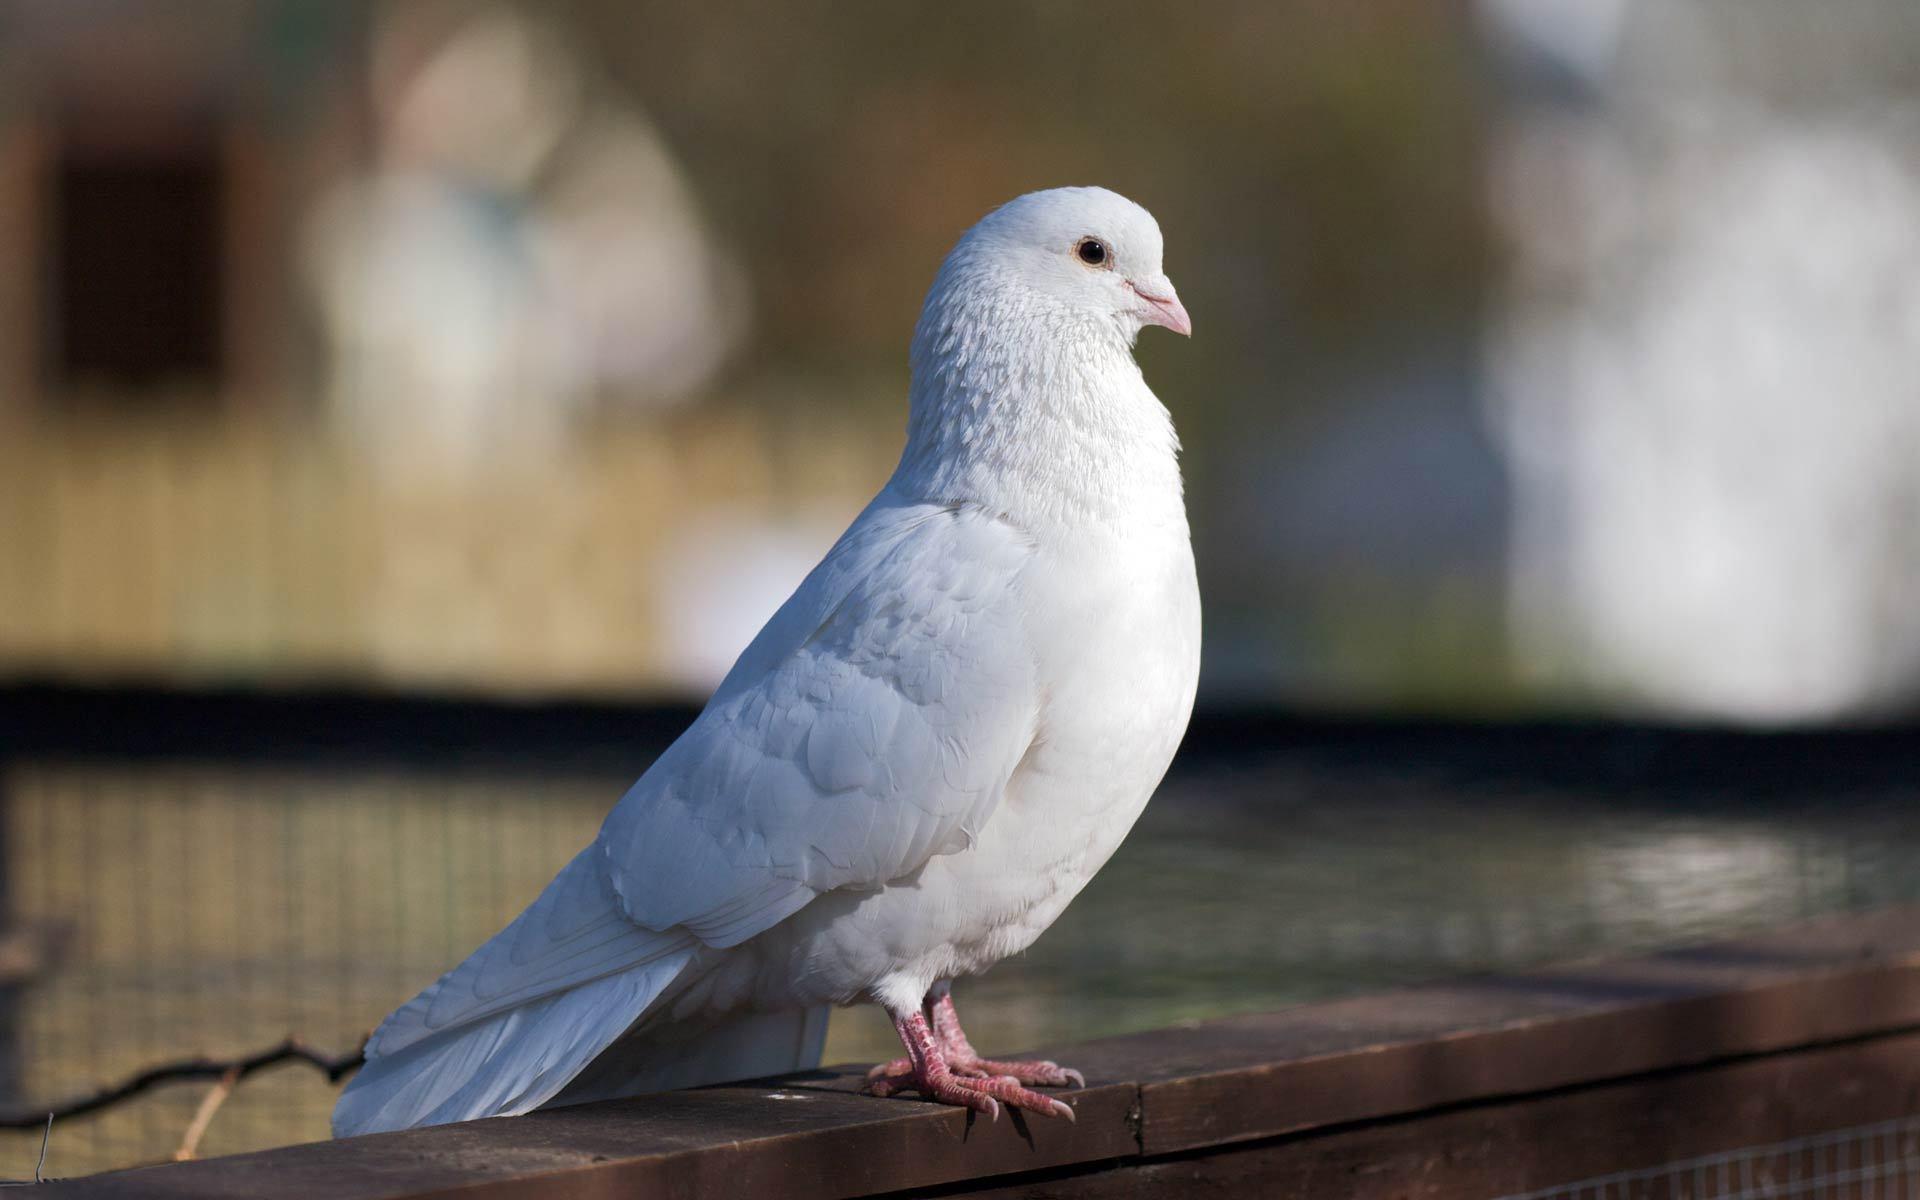 tải ảnh đẹp của chim bồ câu